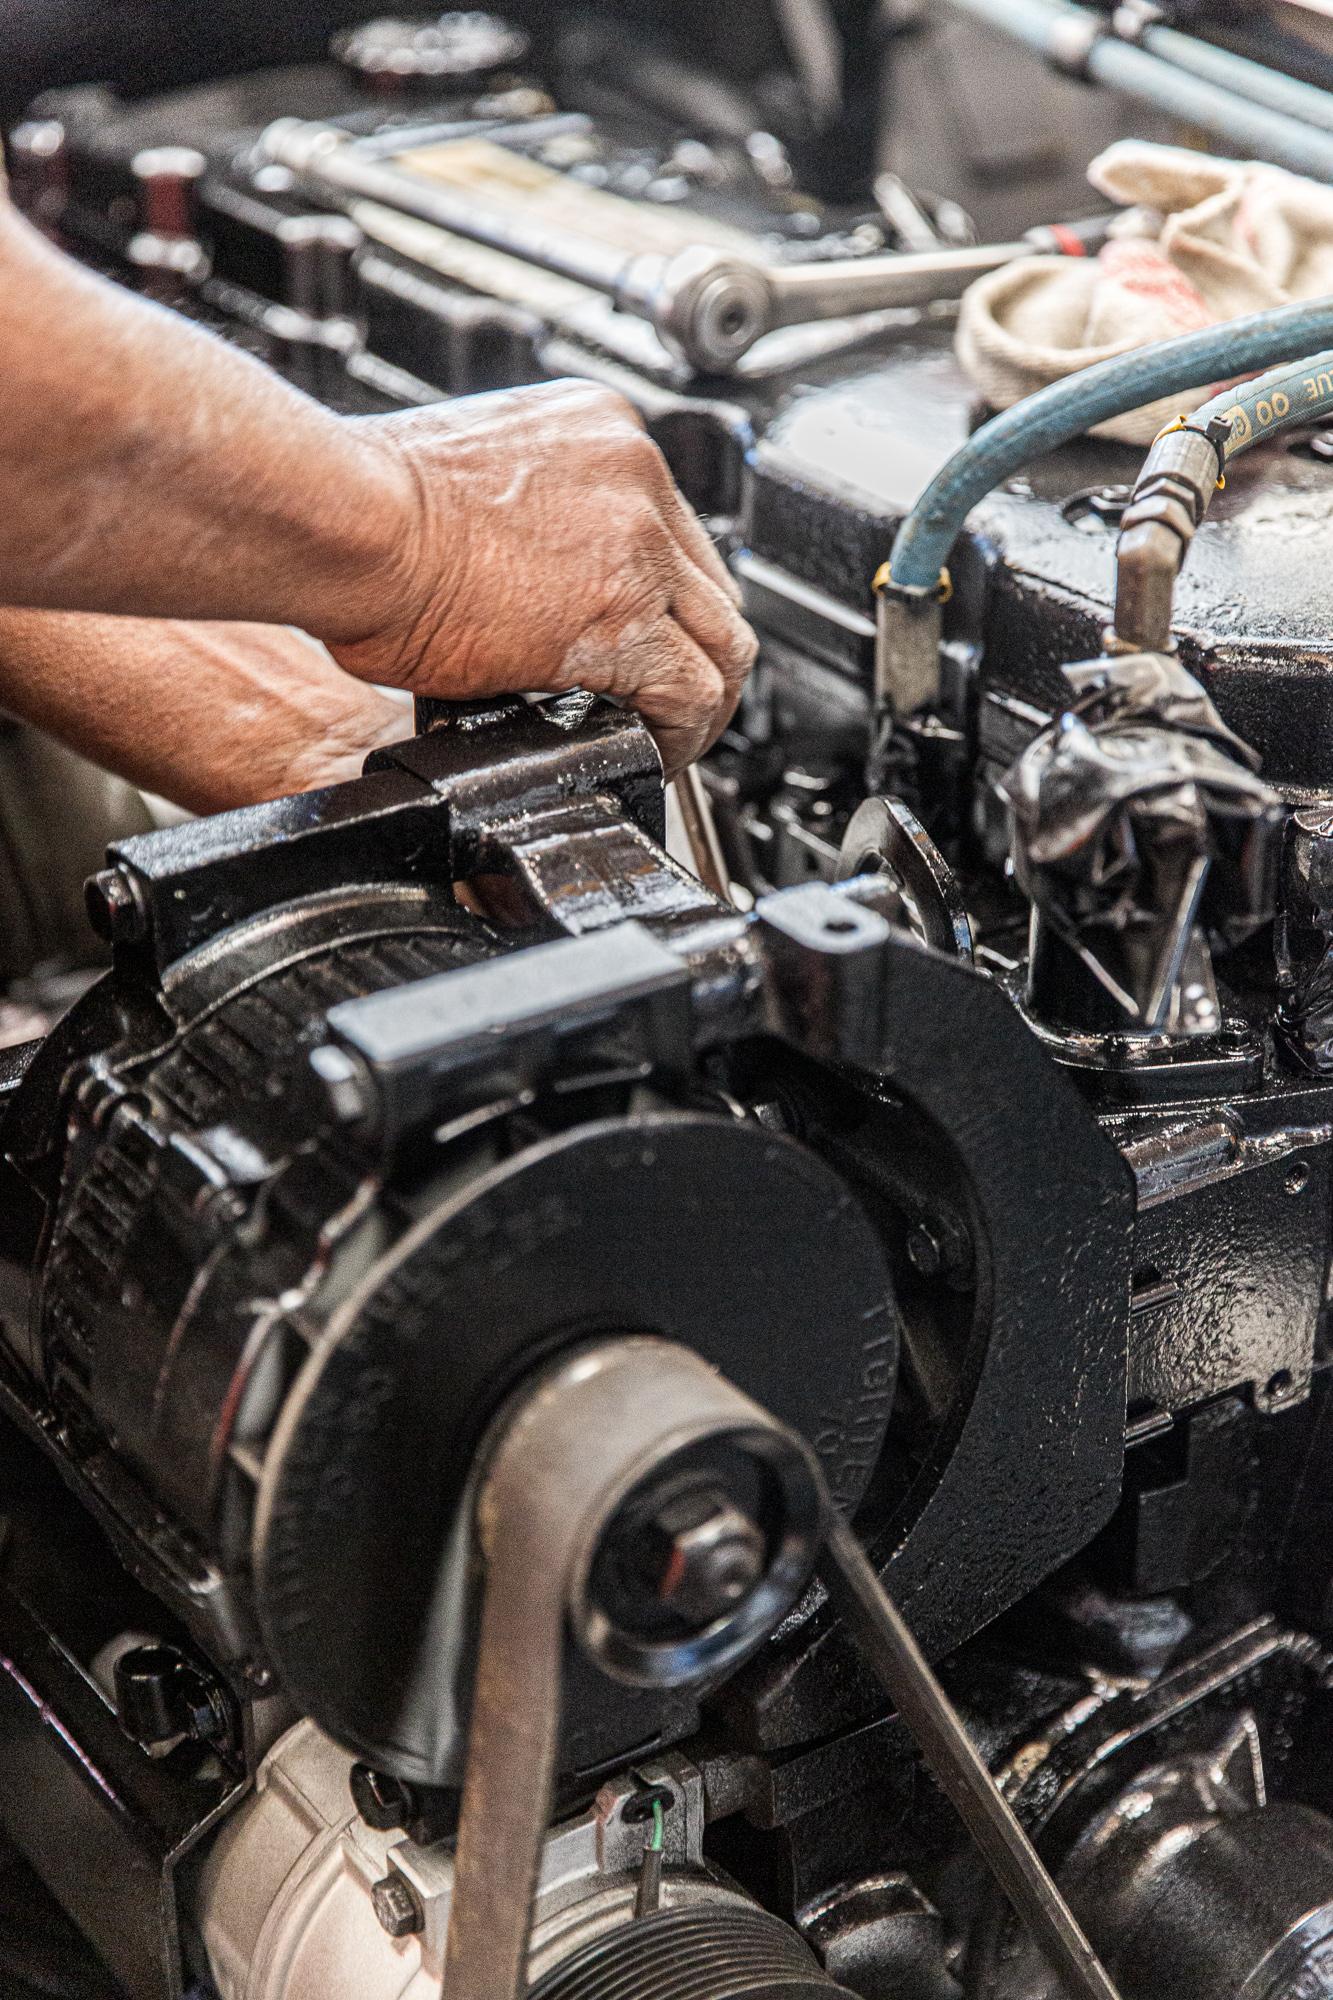 Un mécanicien de la société Aramine intervient sur un moteur de véhicule